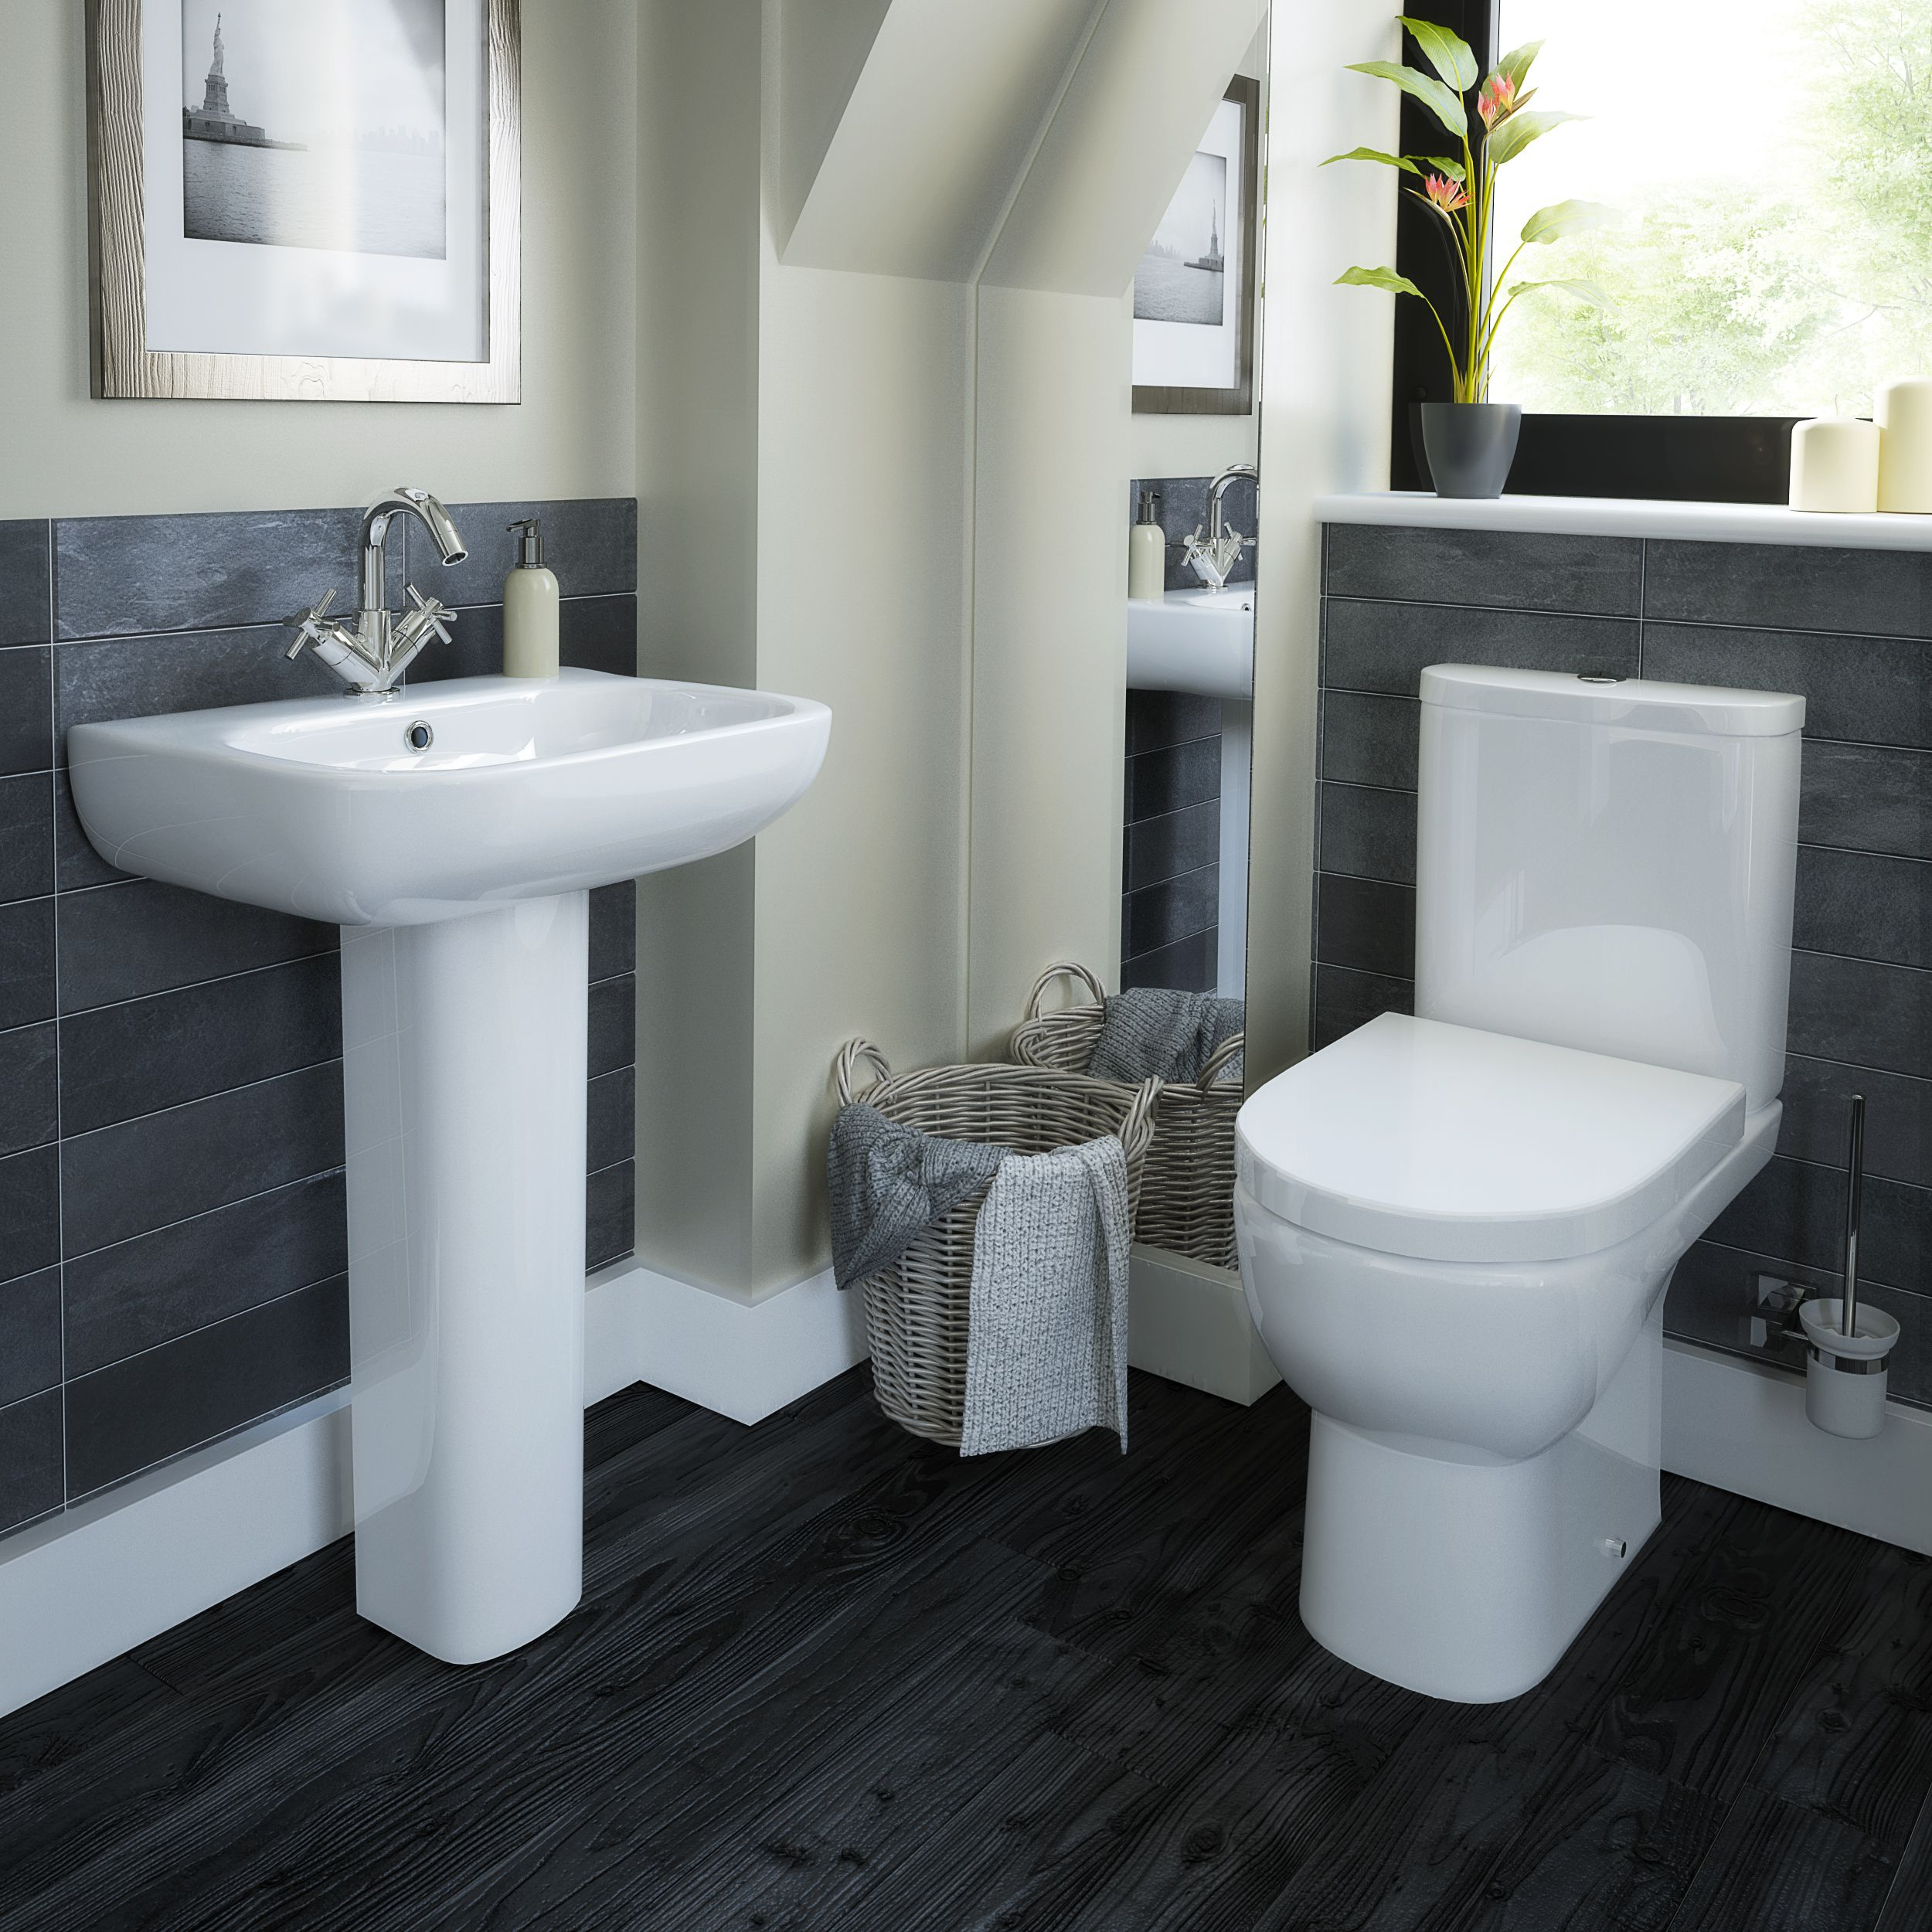 CGi promo image for bathroom suite manufacturer | CGi Interior ...